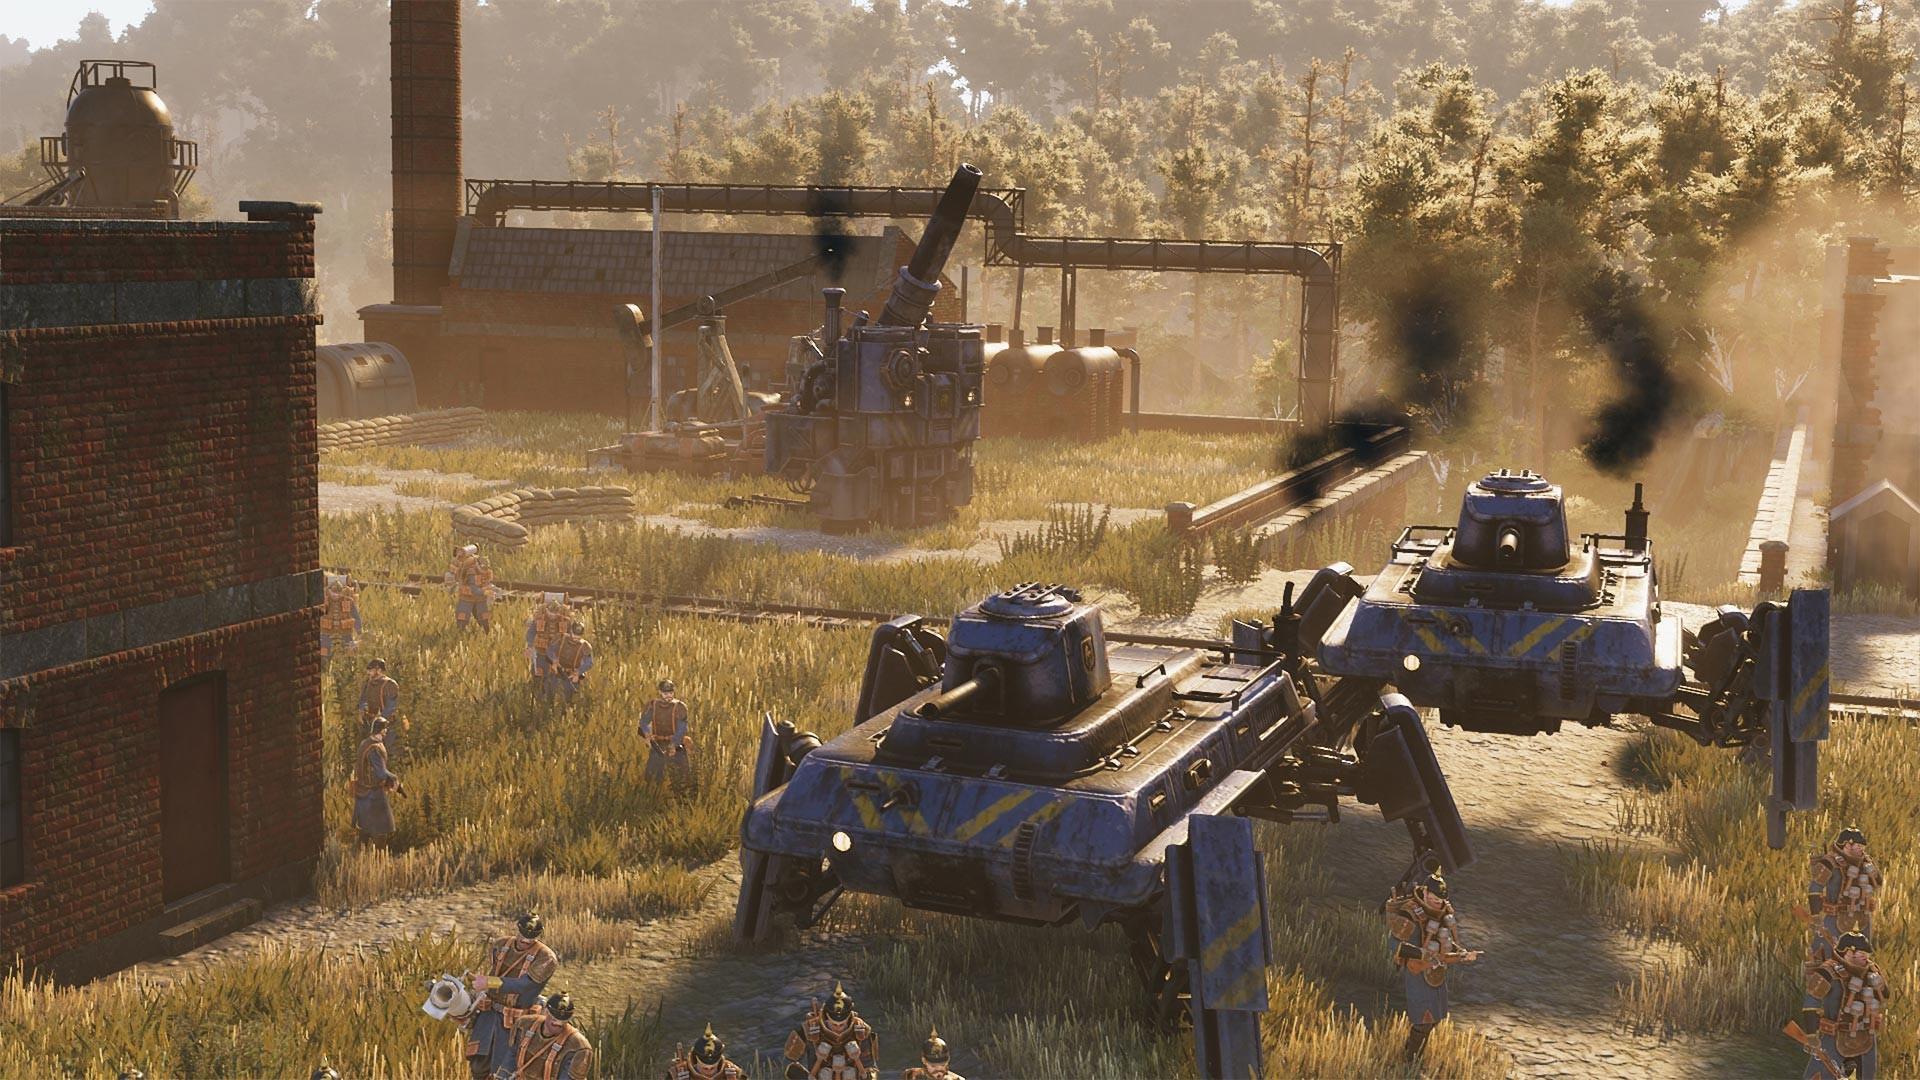 Compre Iron Harvest no Steam durante a pré-venda